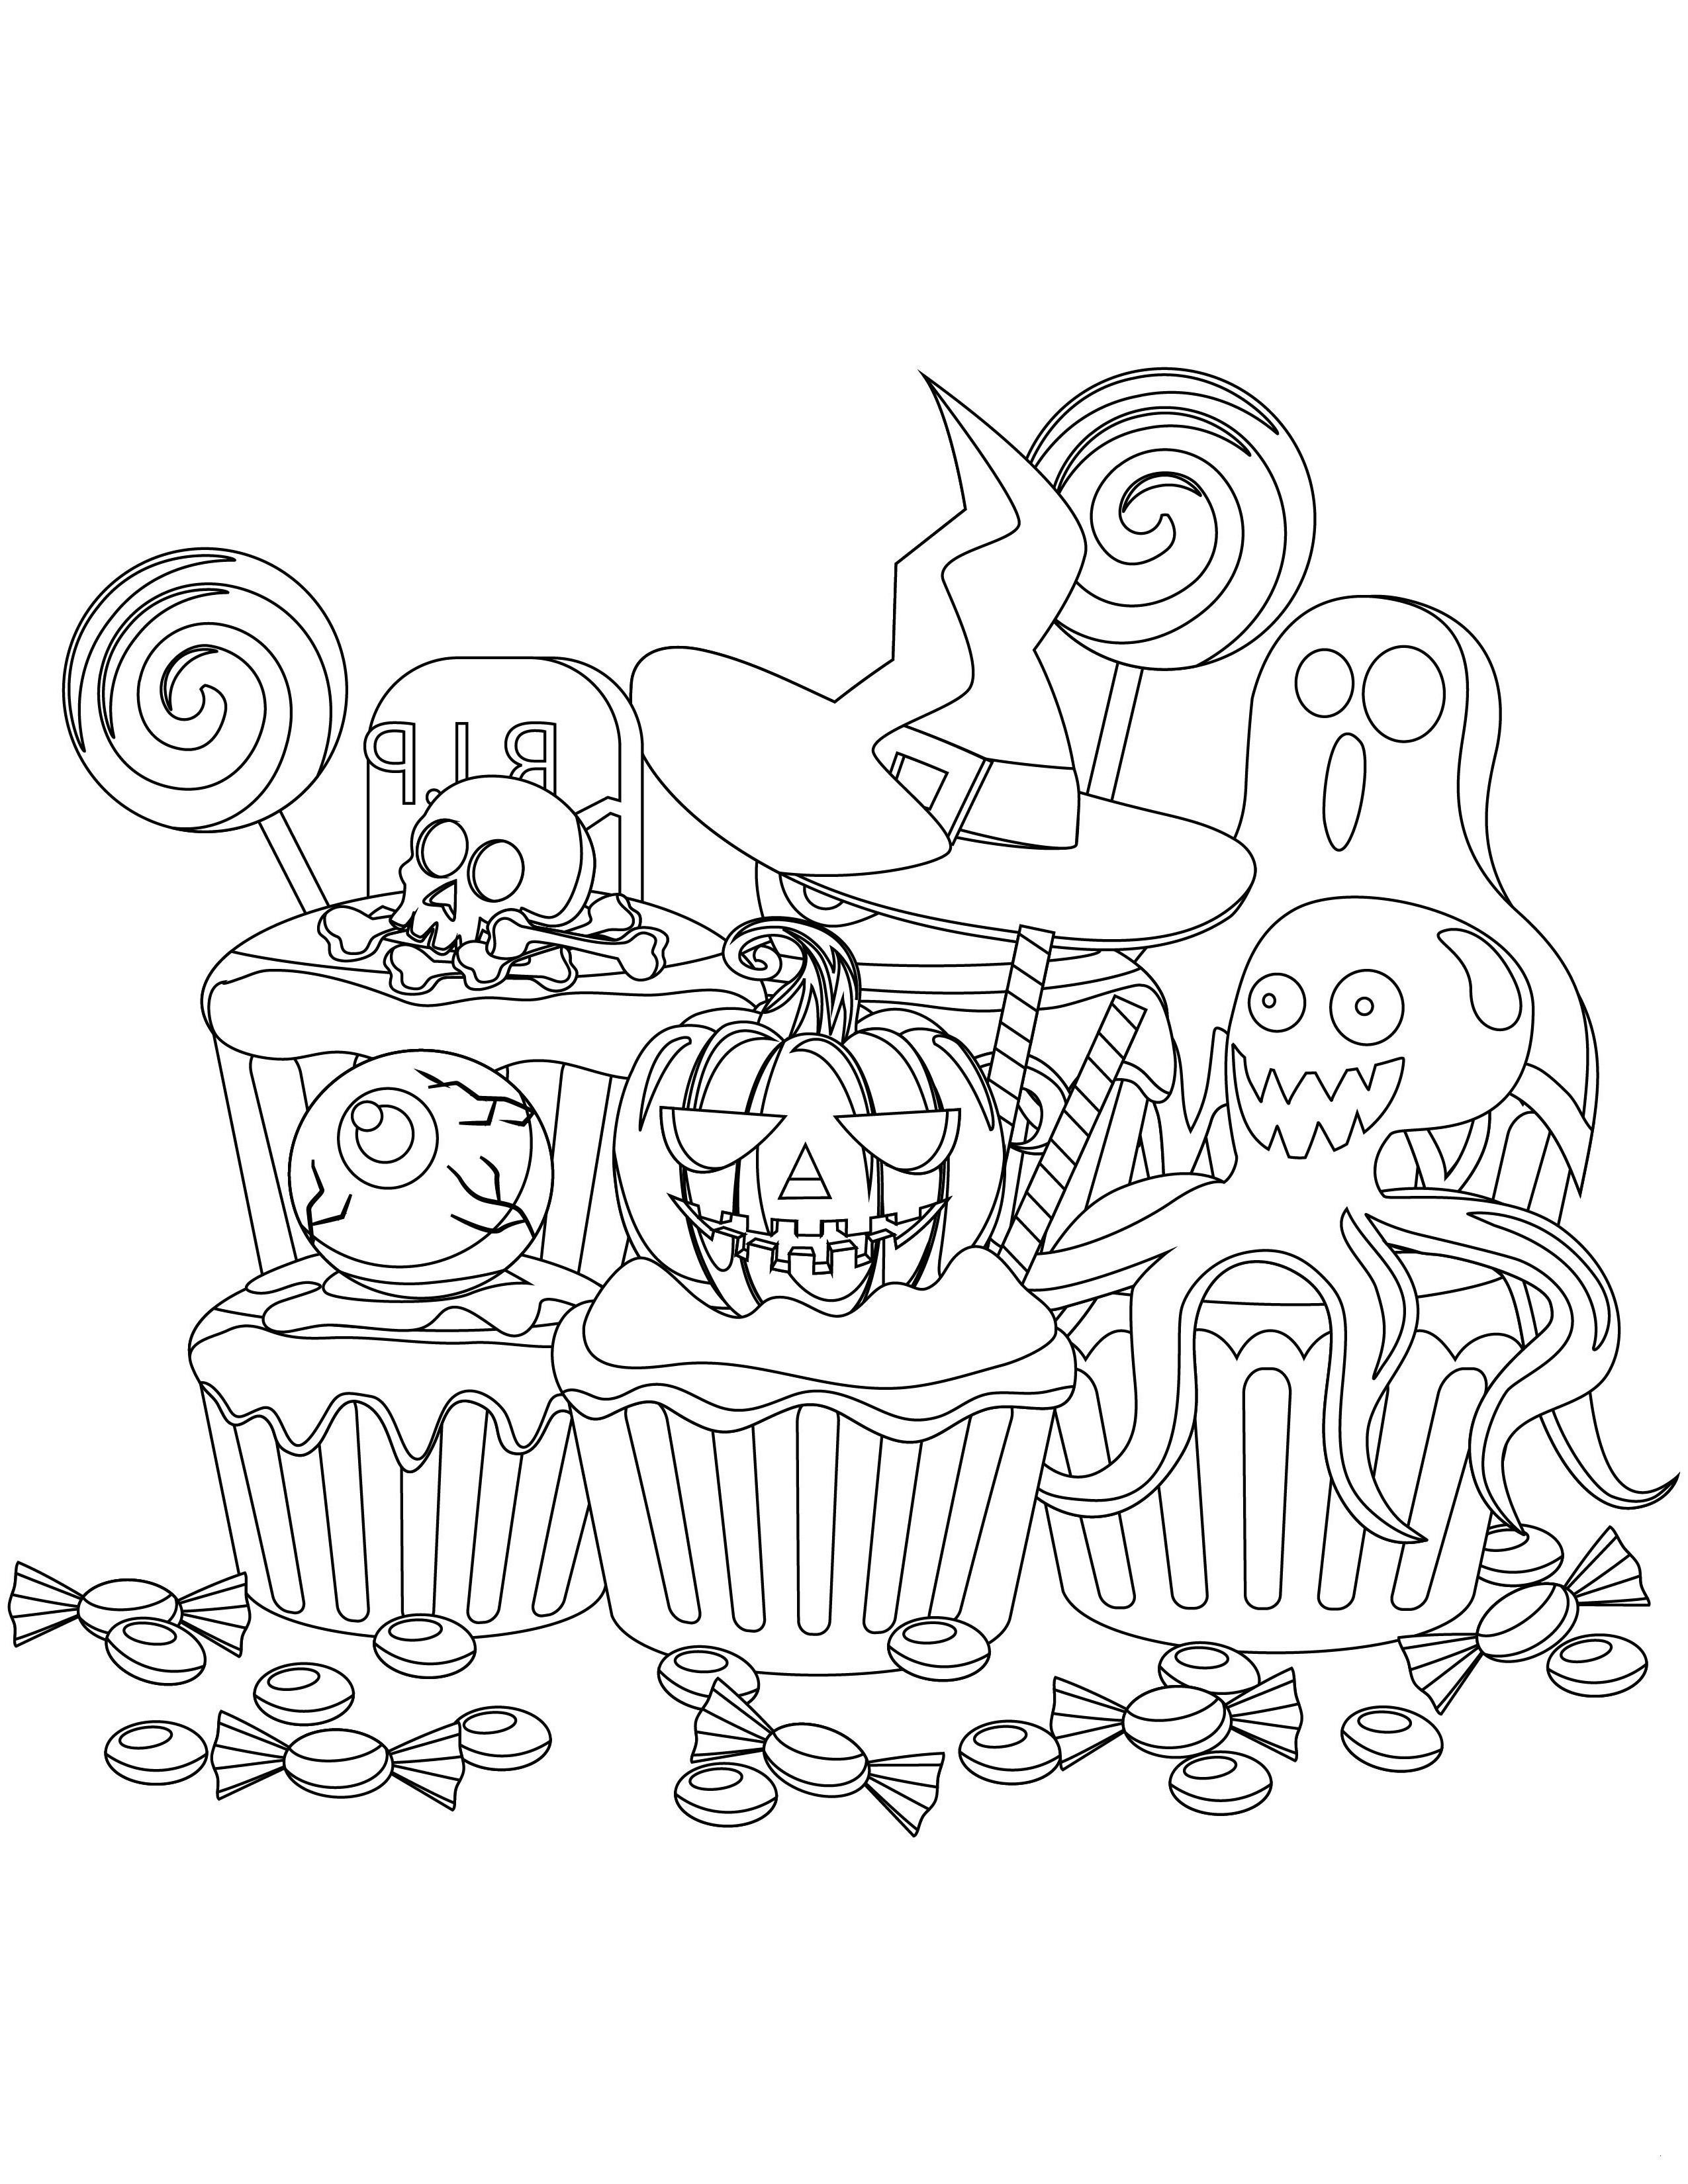 Plants Vs Zombies Ausmalbilder Frisch 31 Schön Malvorlagen Erwachsene – Malvorlagen Ideen Stock